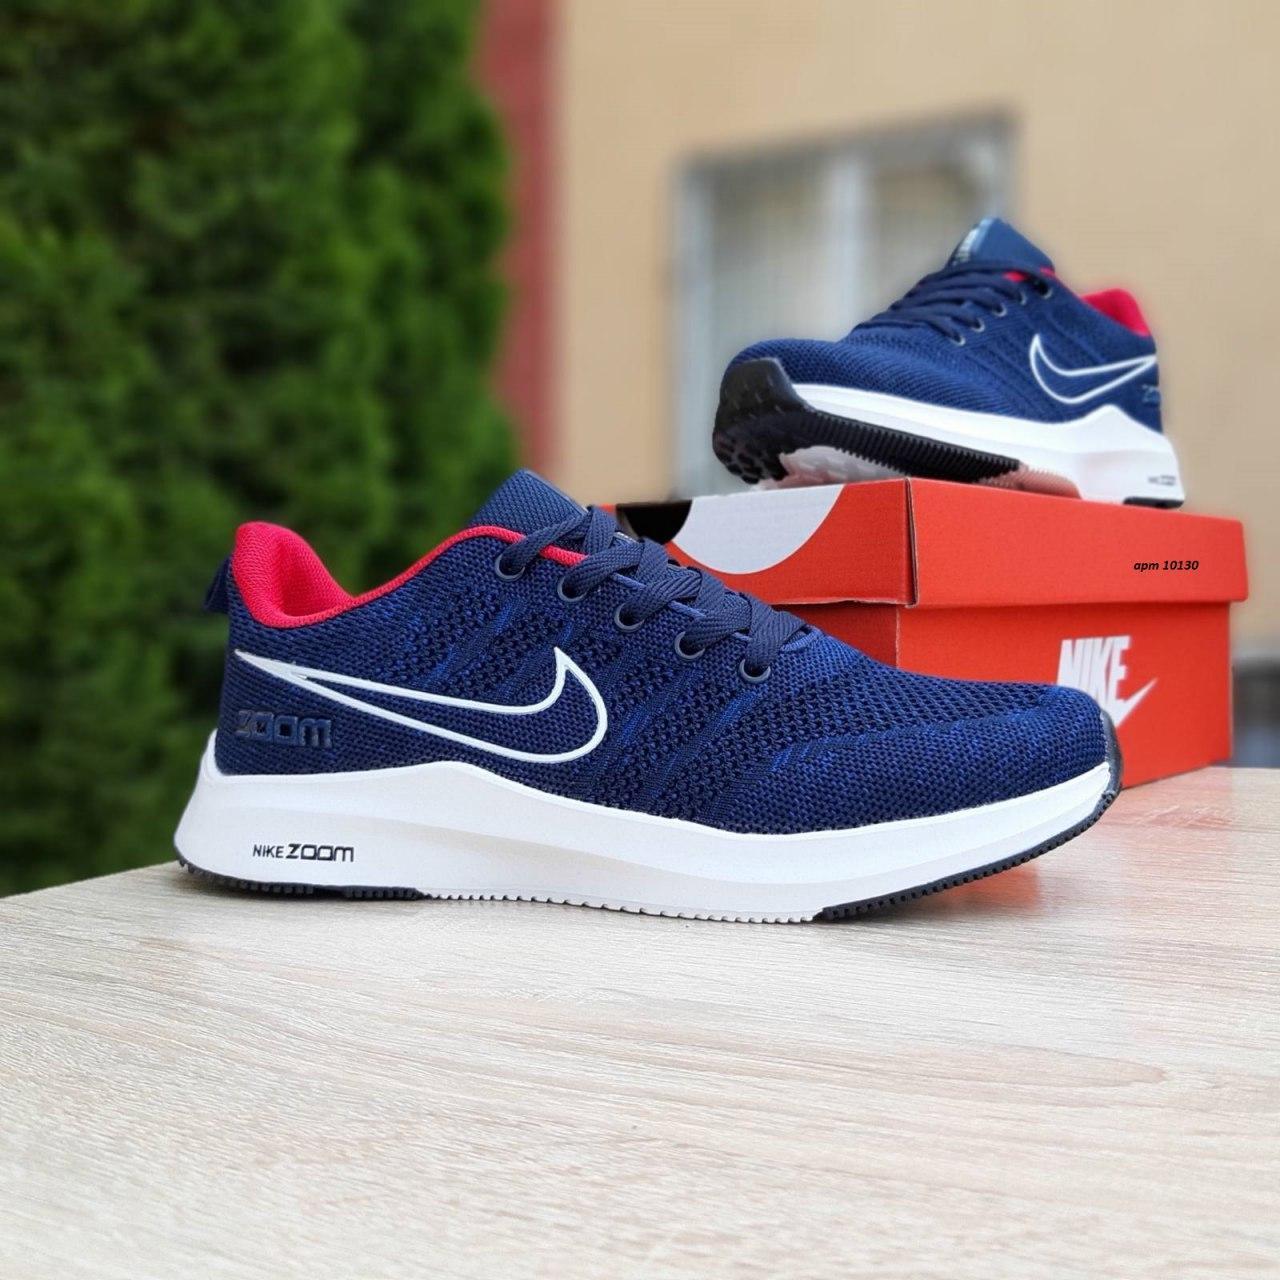 🔥 Кроссовки спортивные Nike Zoom синие с красным плотный текстиль 42